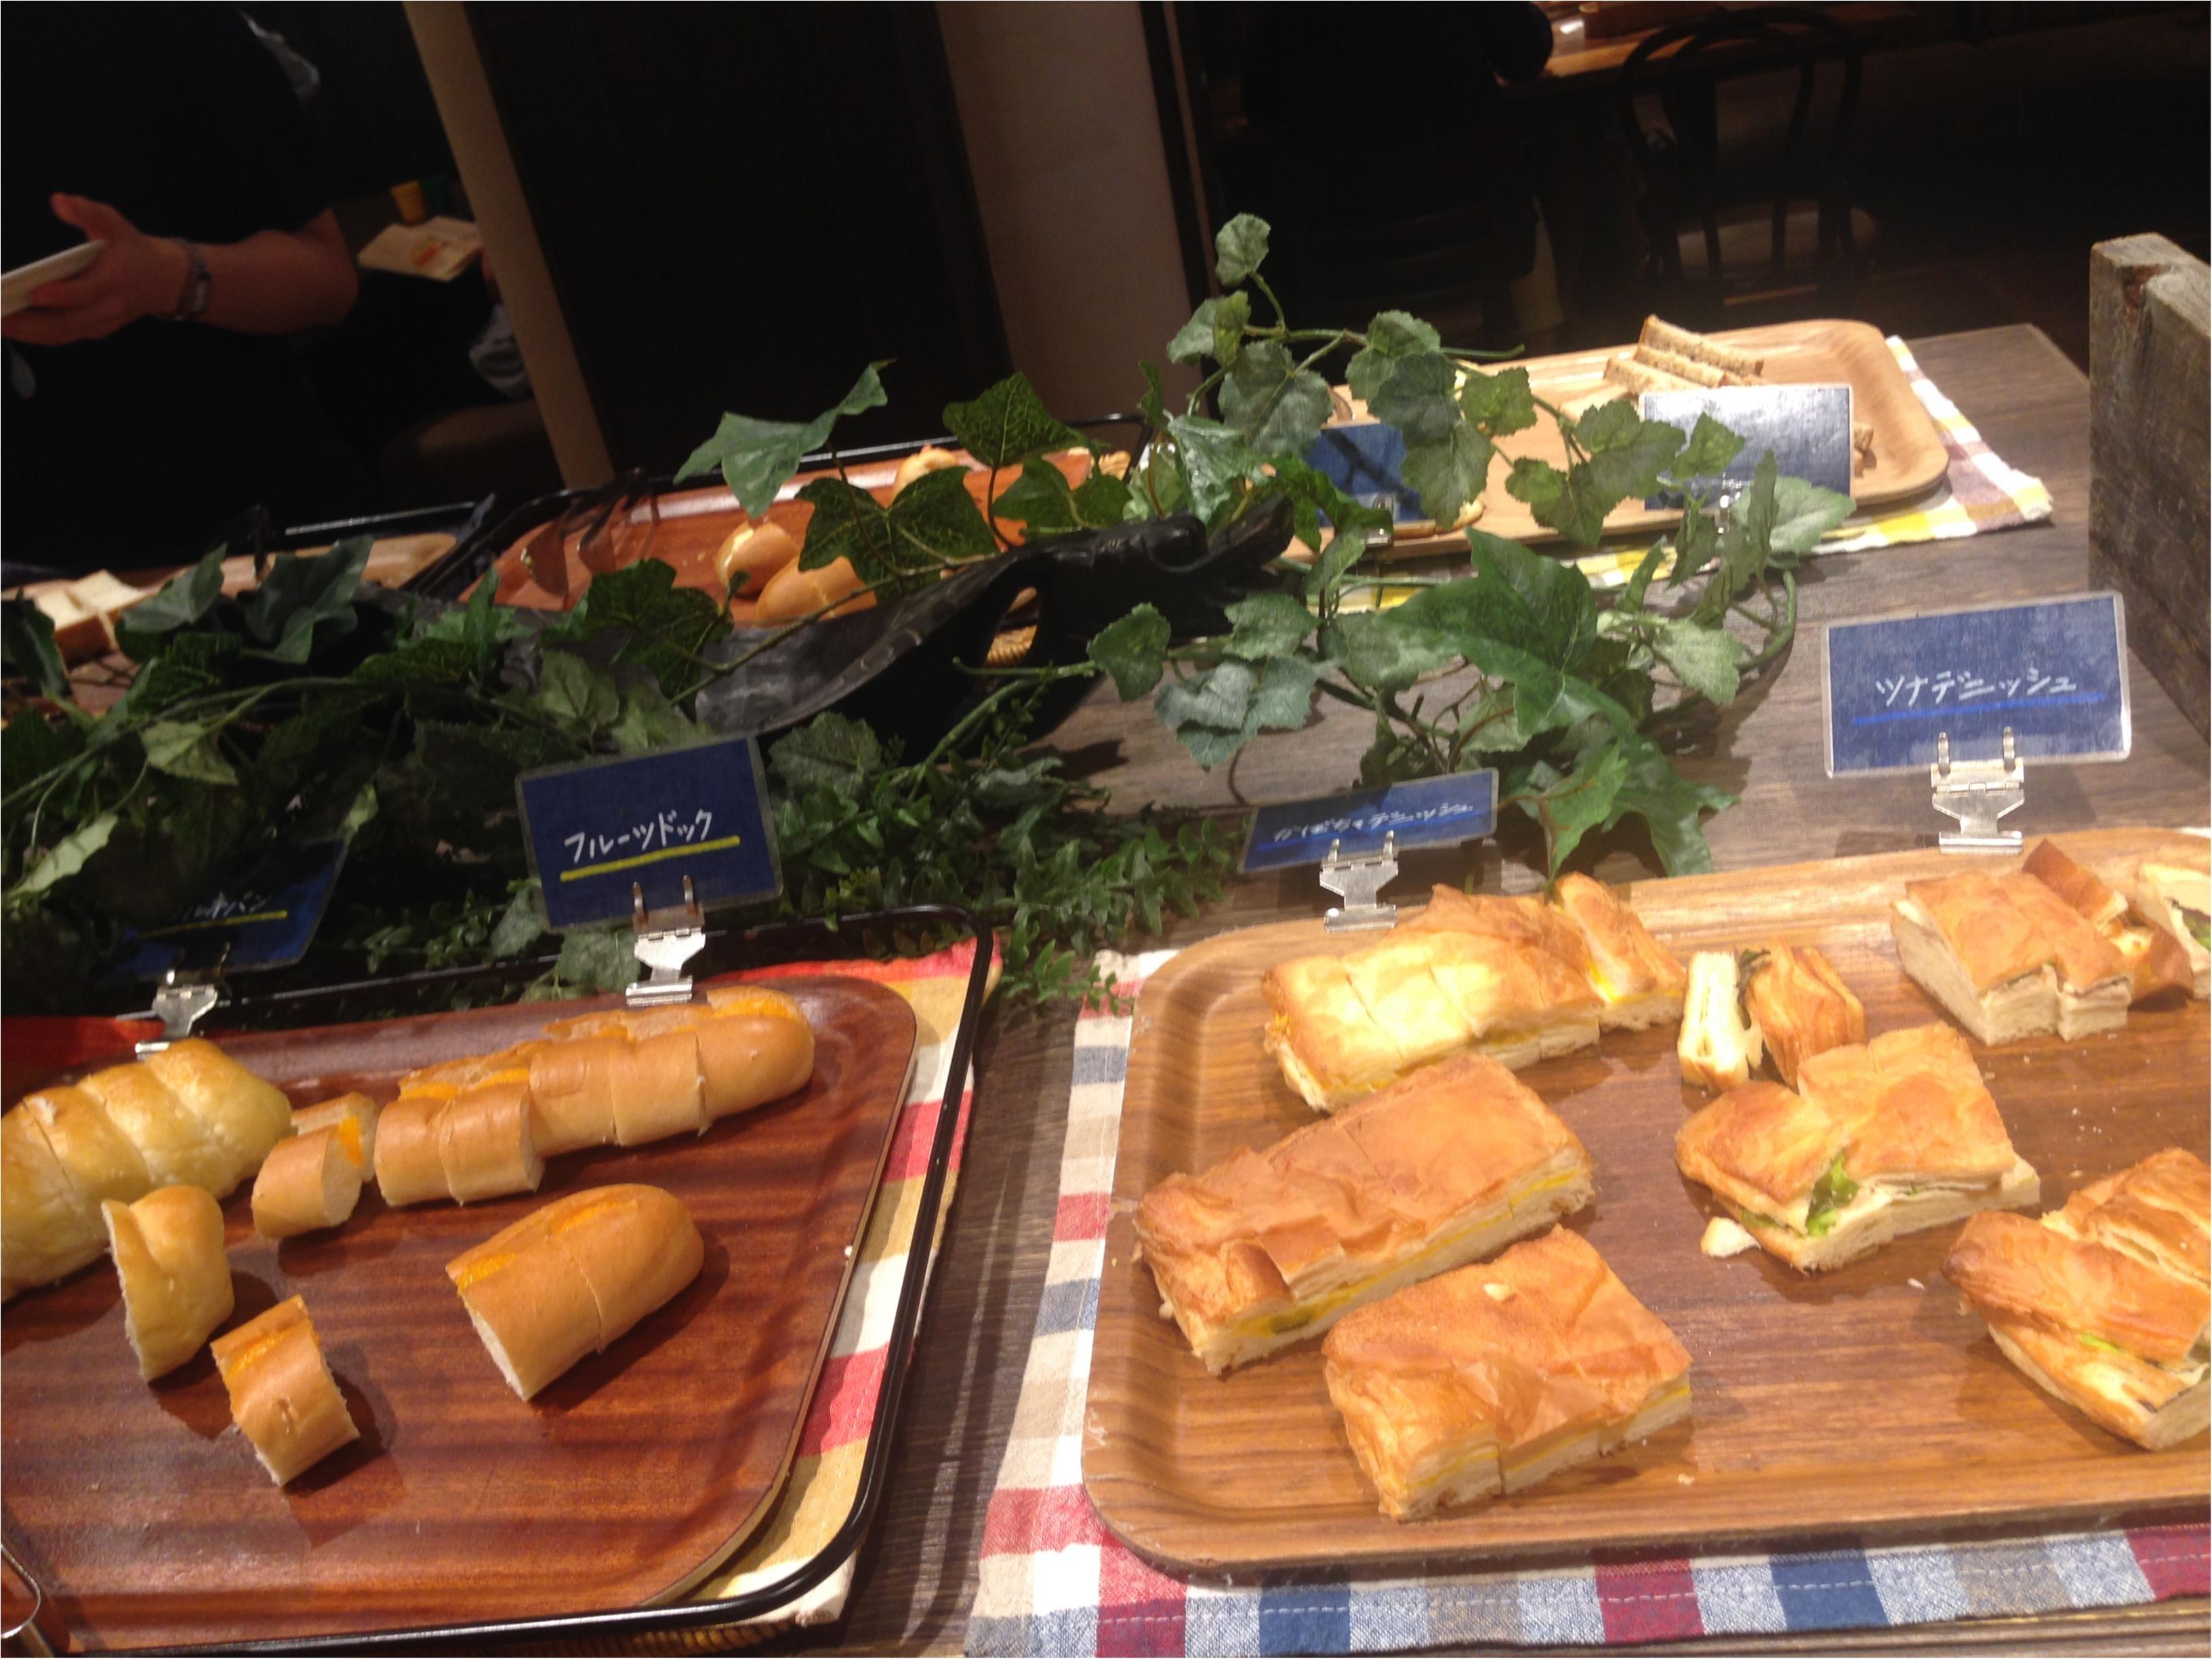 【新宿】え、新宿にこんな素敵なレストランあるの知ってた!?絶対リピートしたいお店発見\(^o^)/パン、パクチー食べ放題もやってるよ〜_7